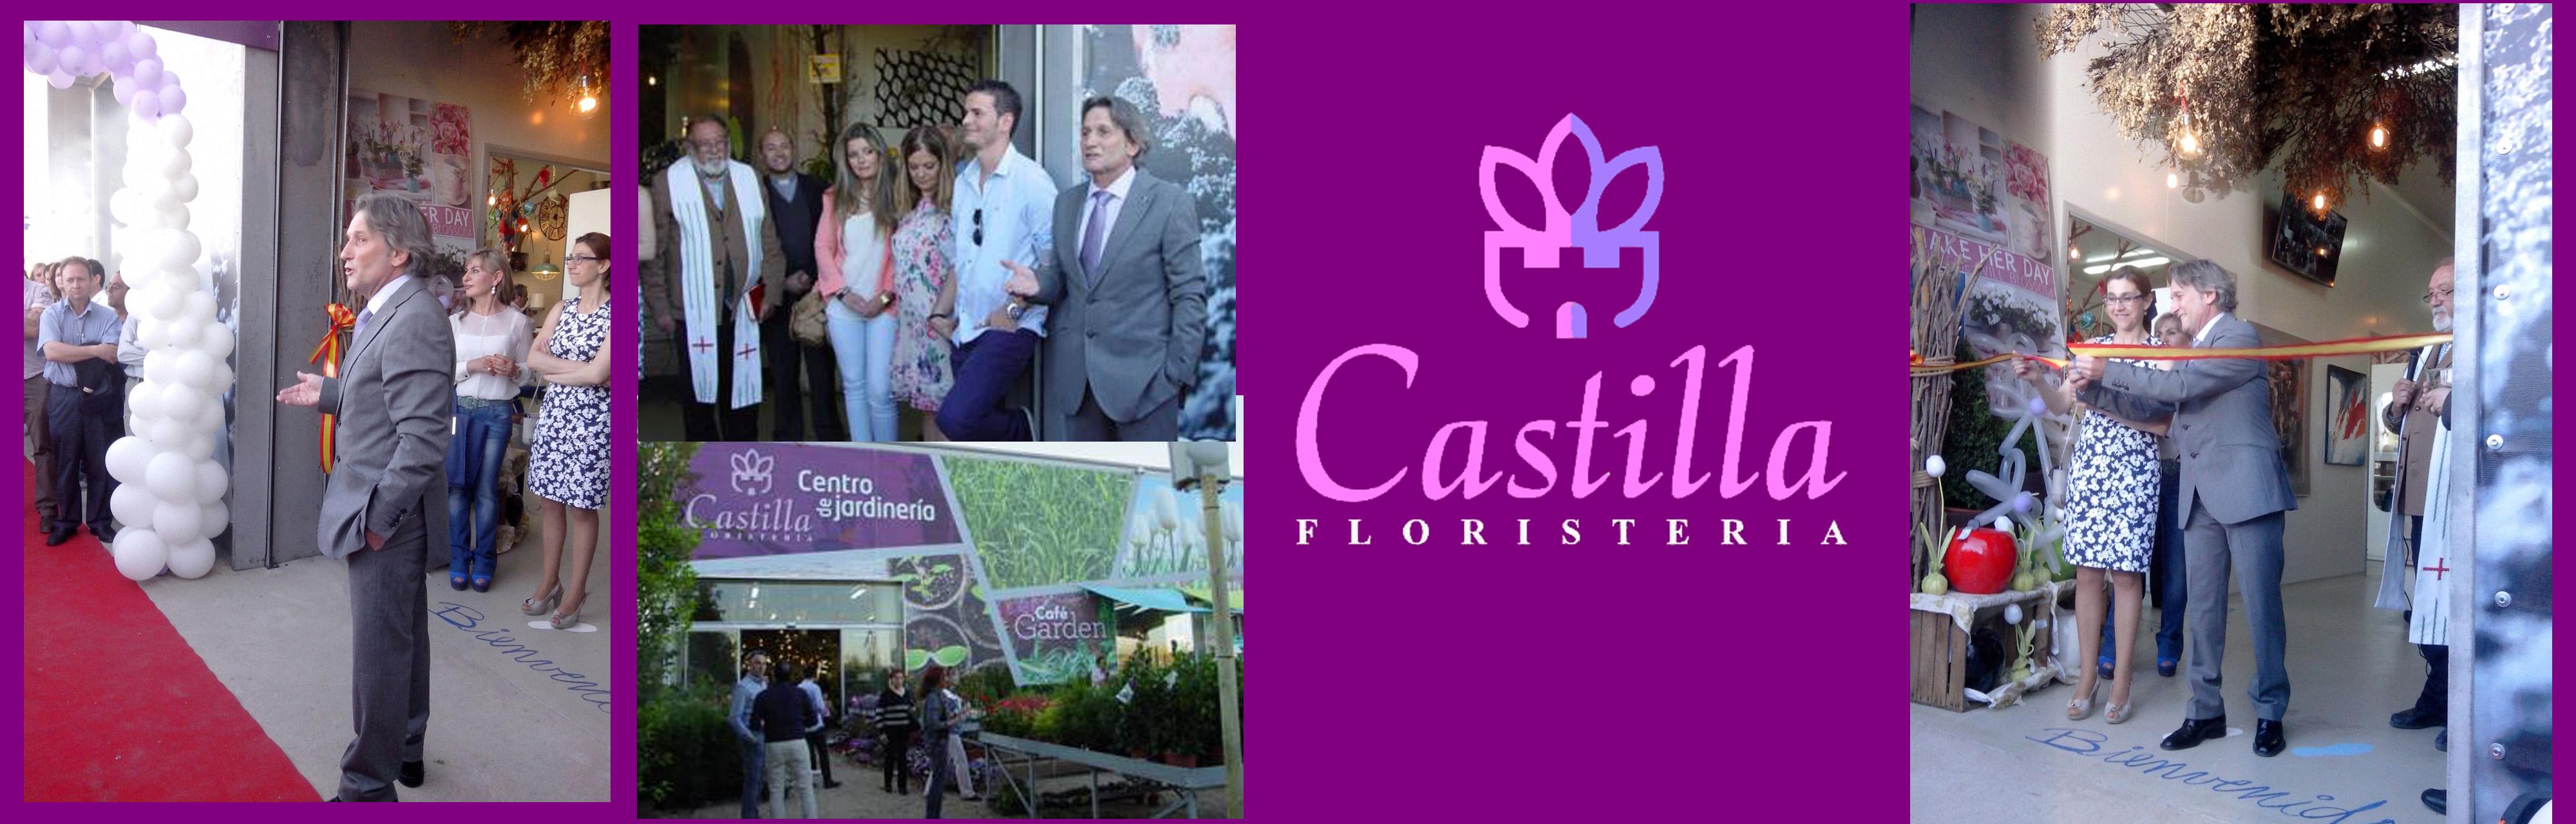 Floristería Castilla en Aranda de Duero 25-05-2015